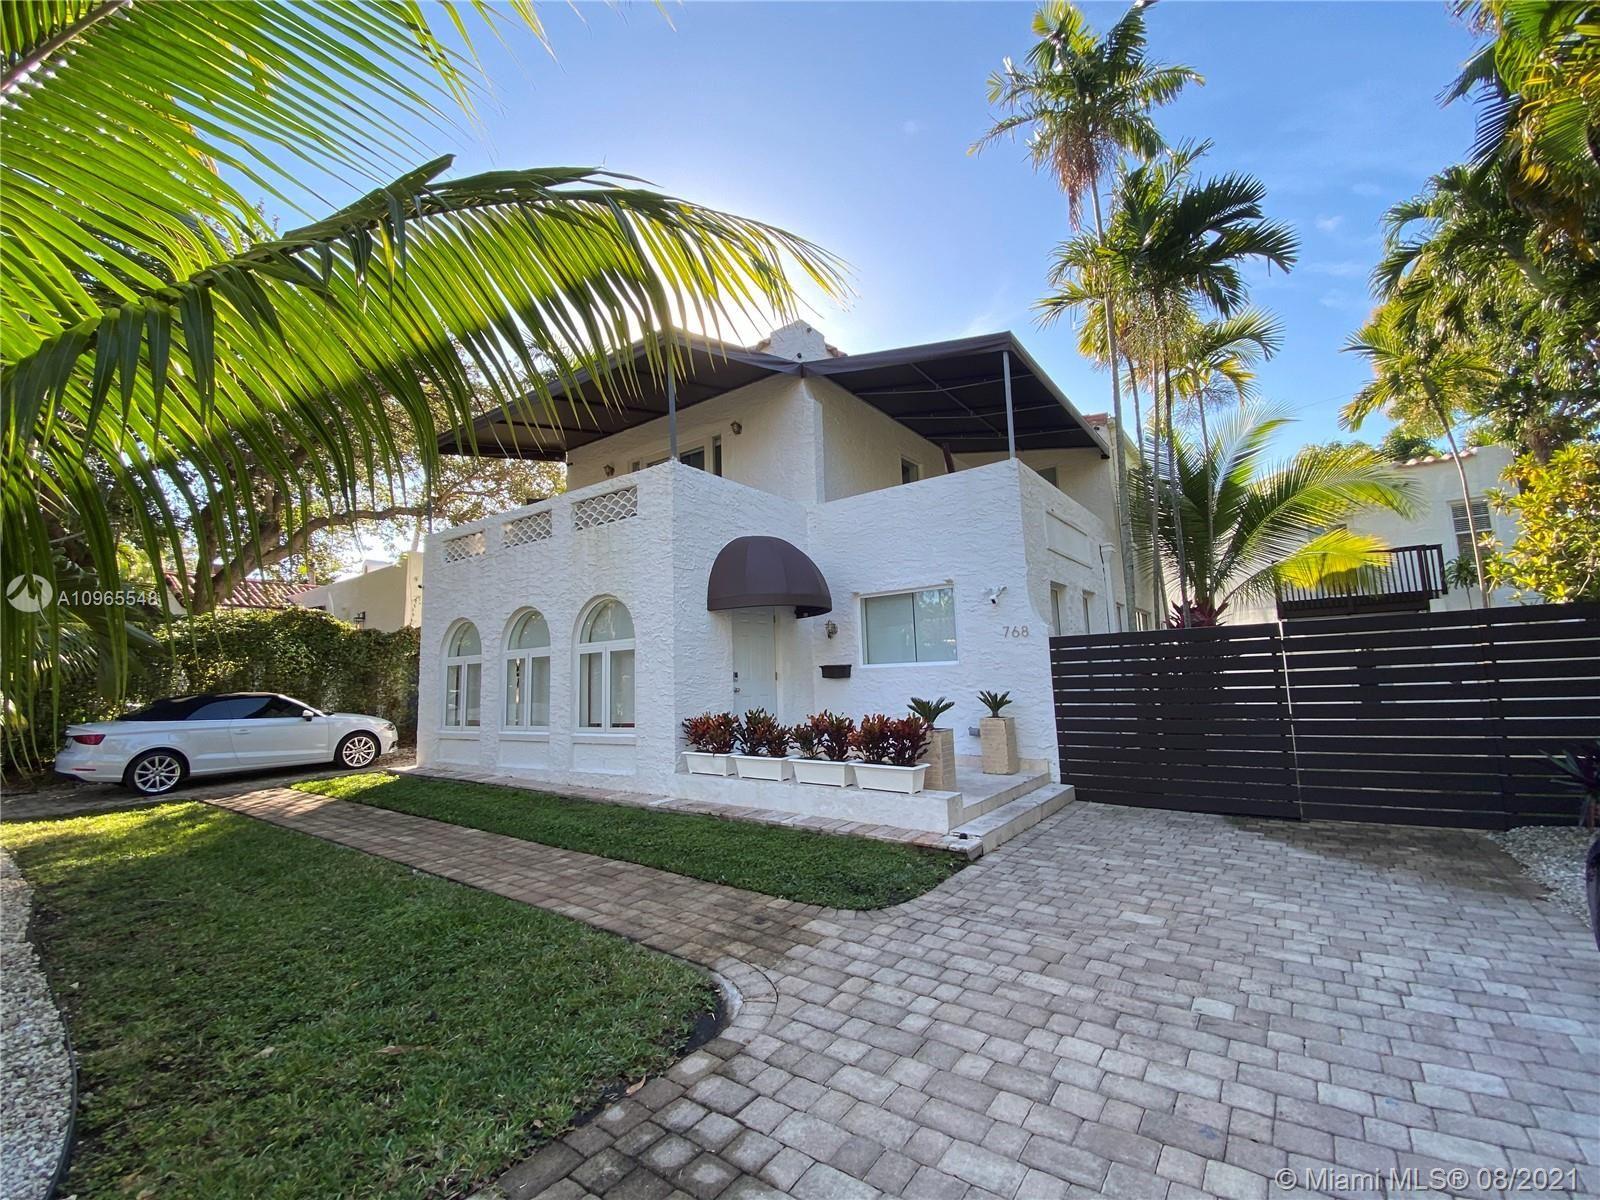 768 NE 72nd St, Miami, FL 33138 - #: A10965548